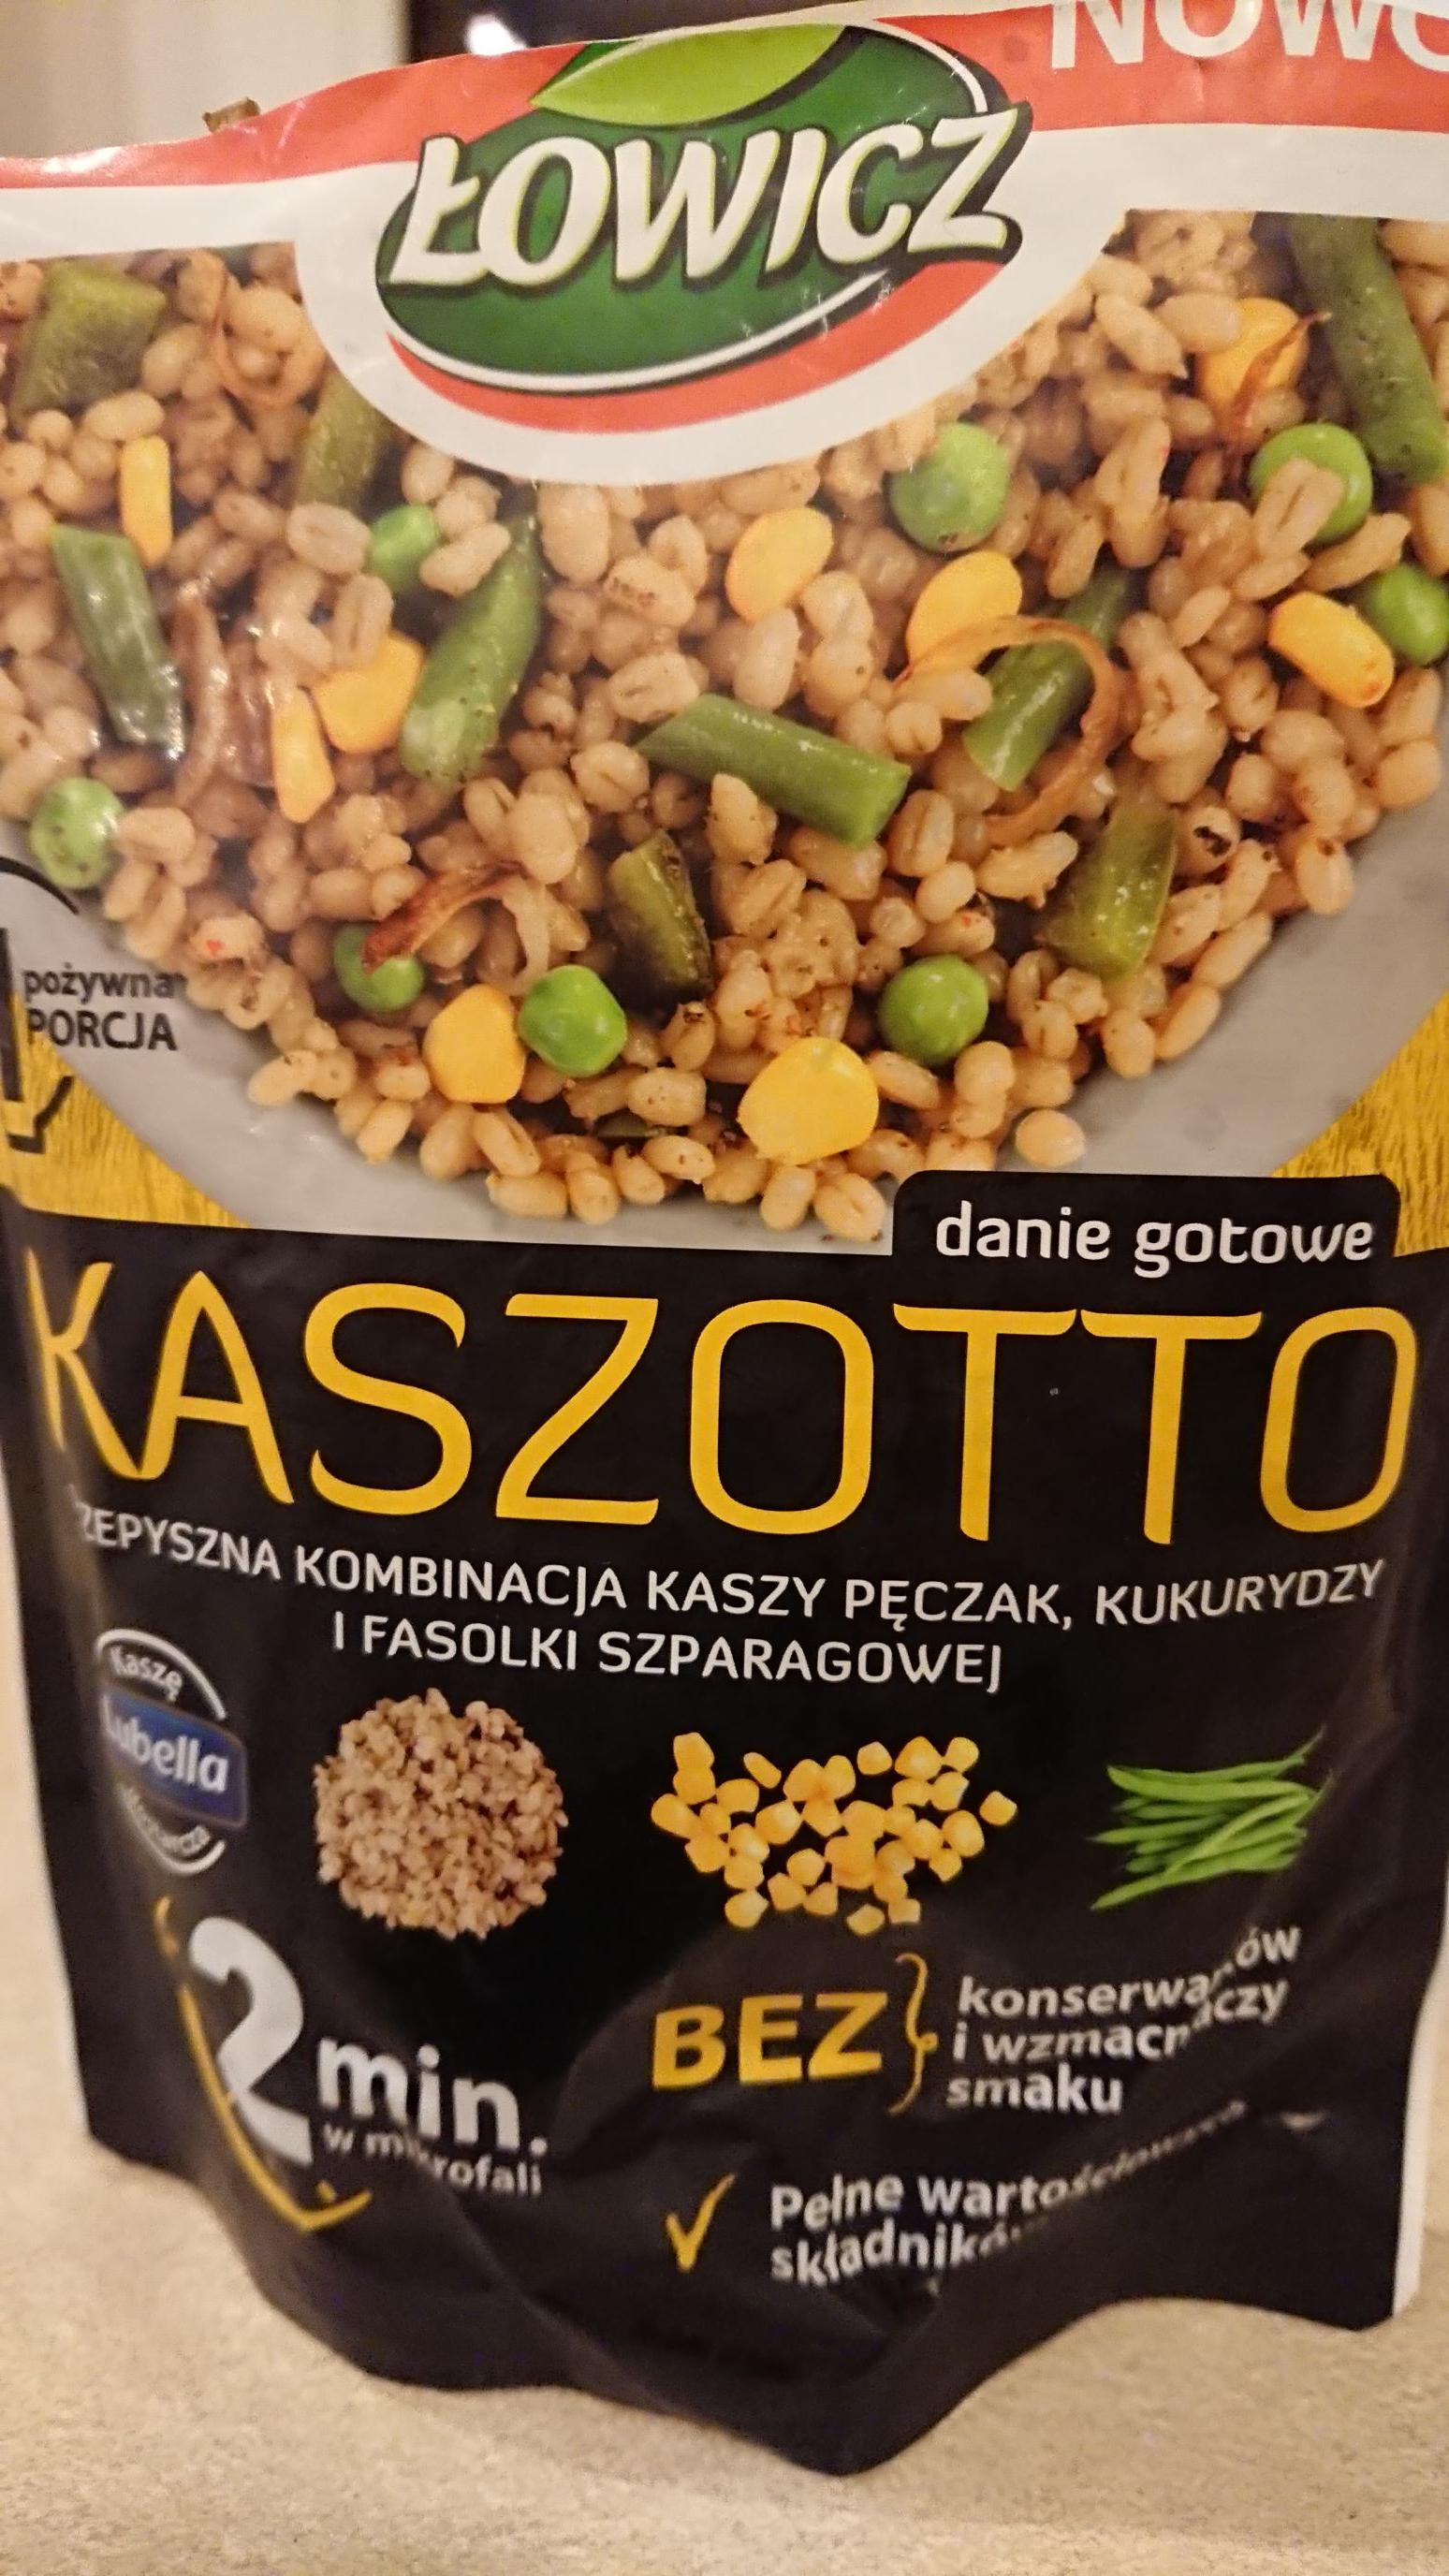 Kaszotto Łowicz 250g Biedronka